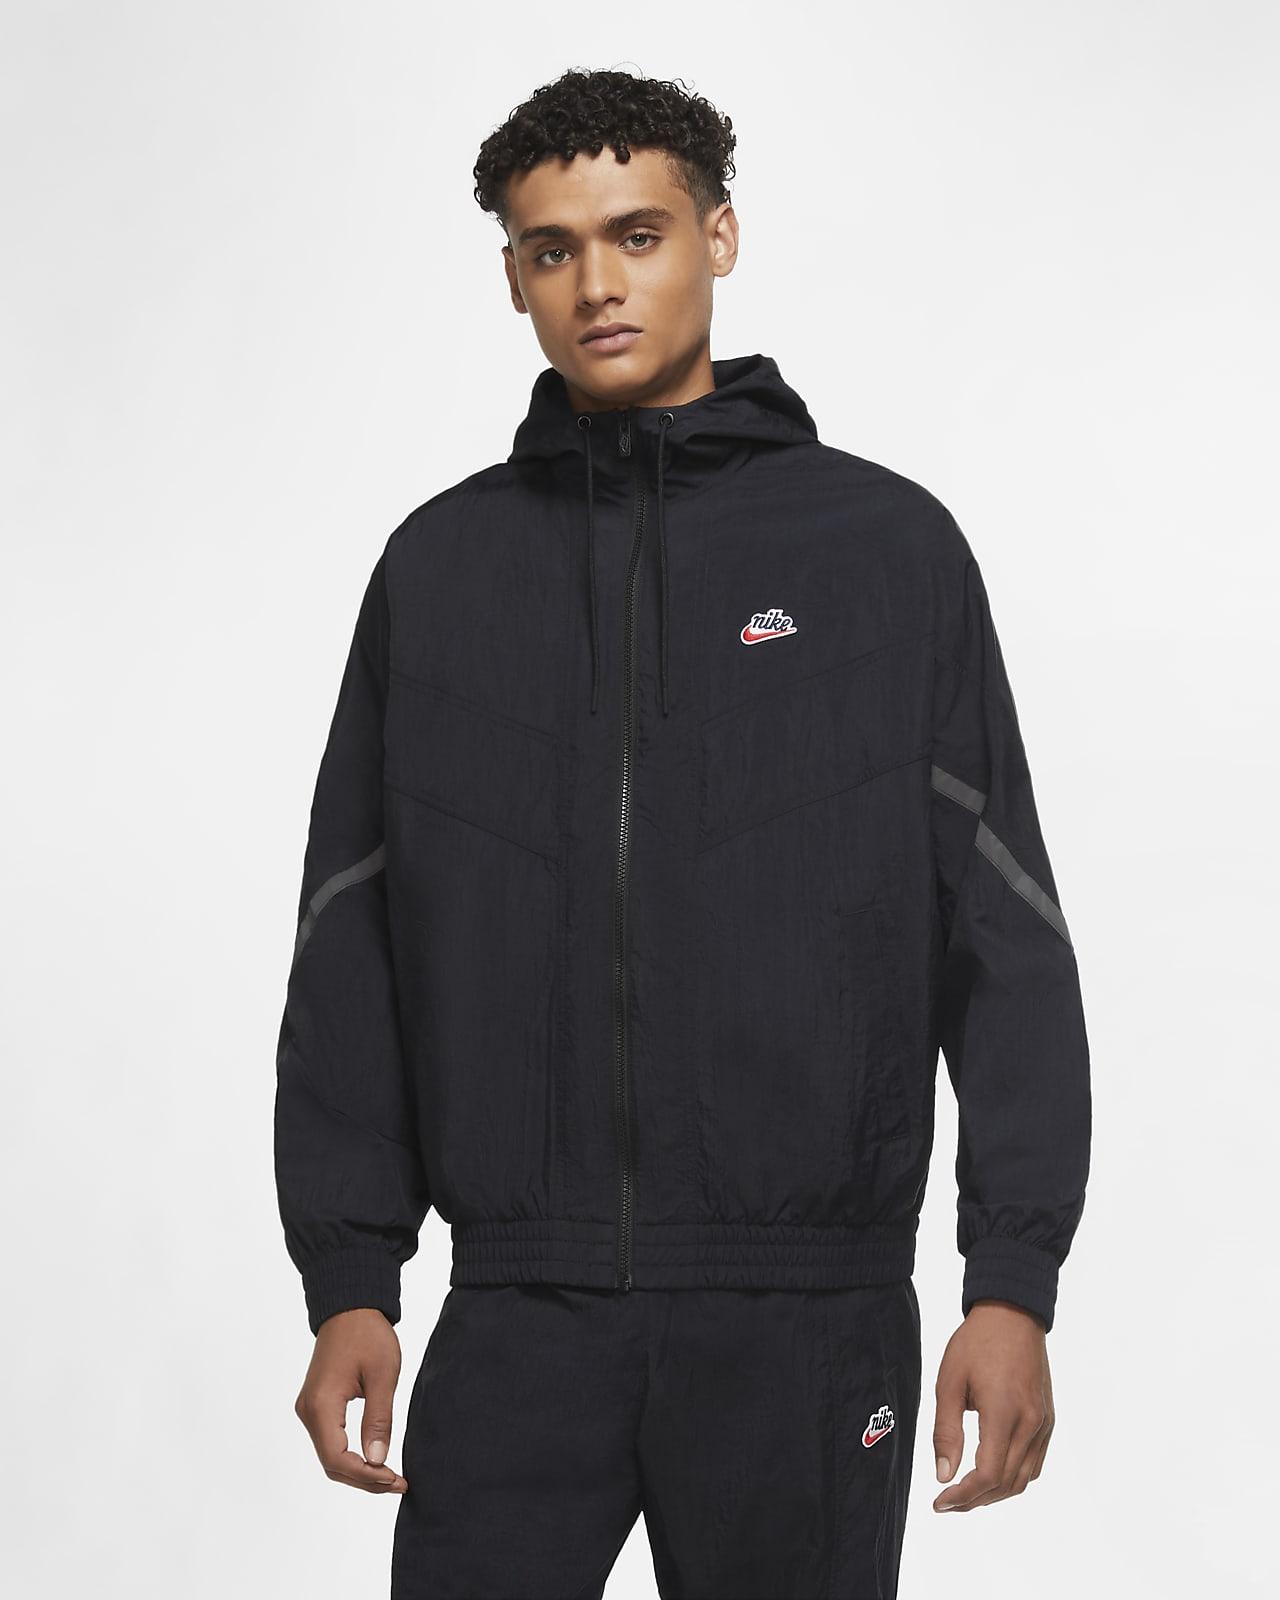 Nike Sportswear Heritage Windrunner Men's Jacket